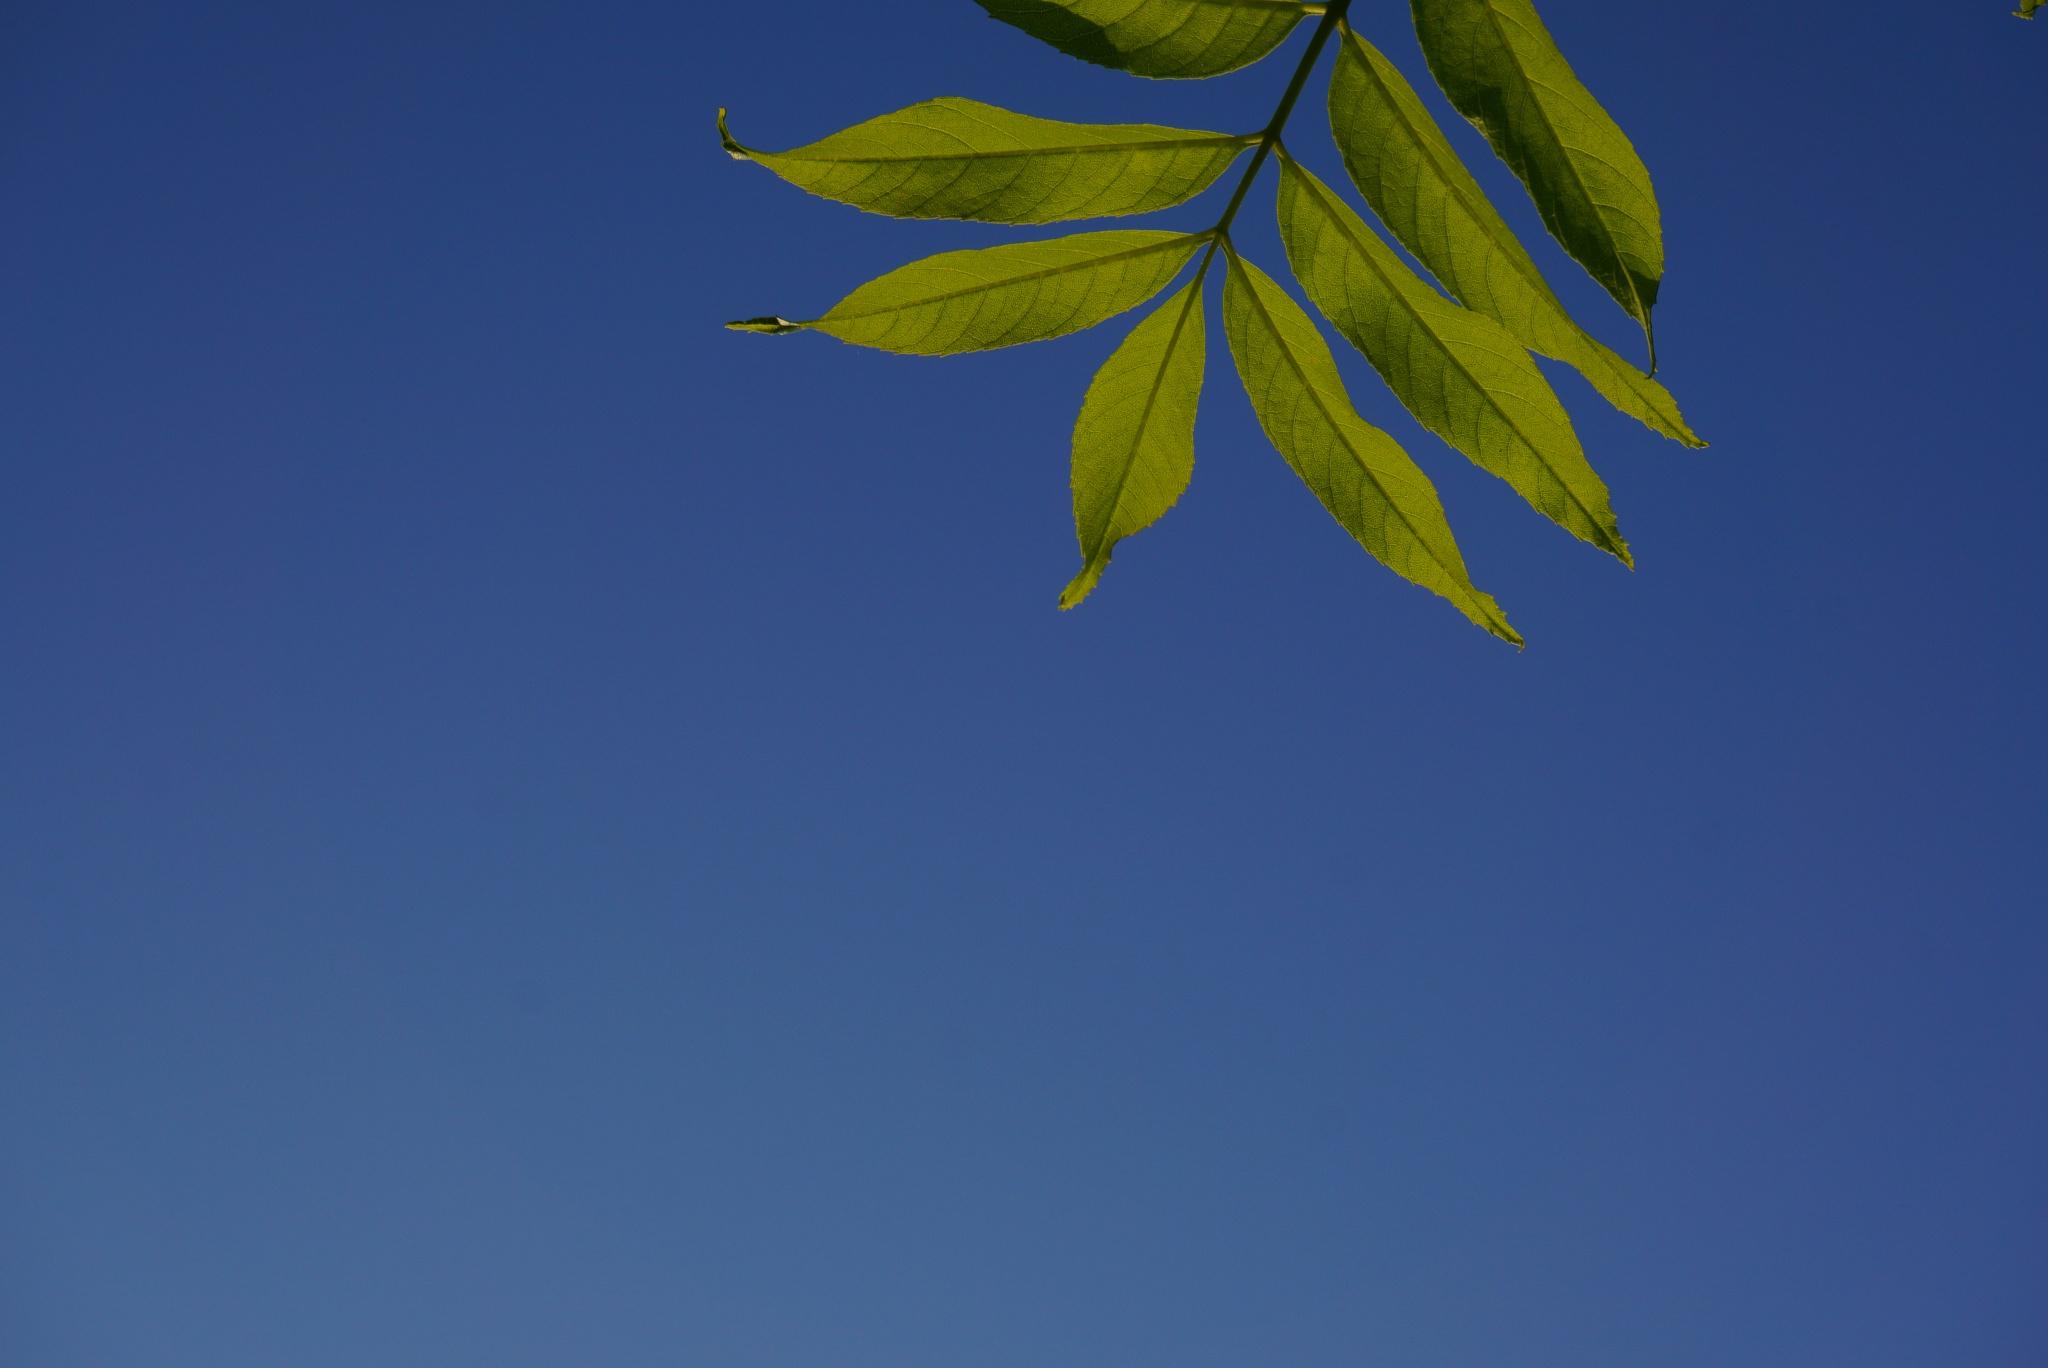 Sky and leaves  by Trevor Babajack Steger